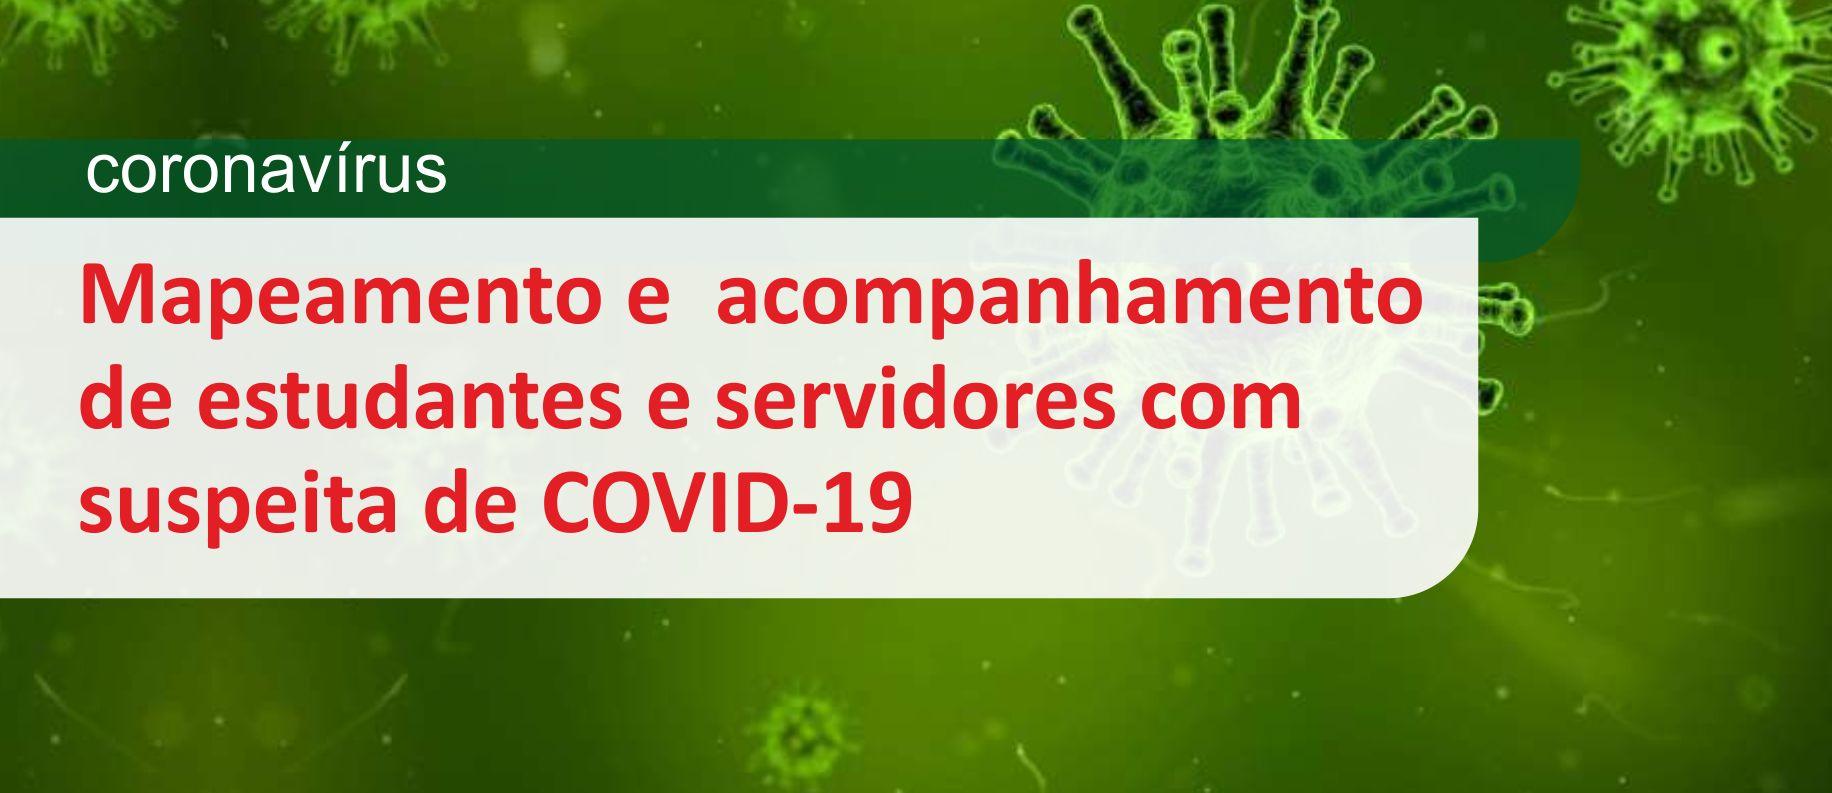 Mapeamento COVID-19